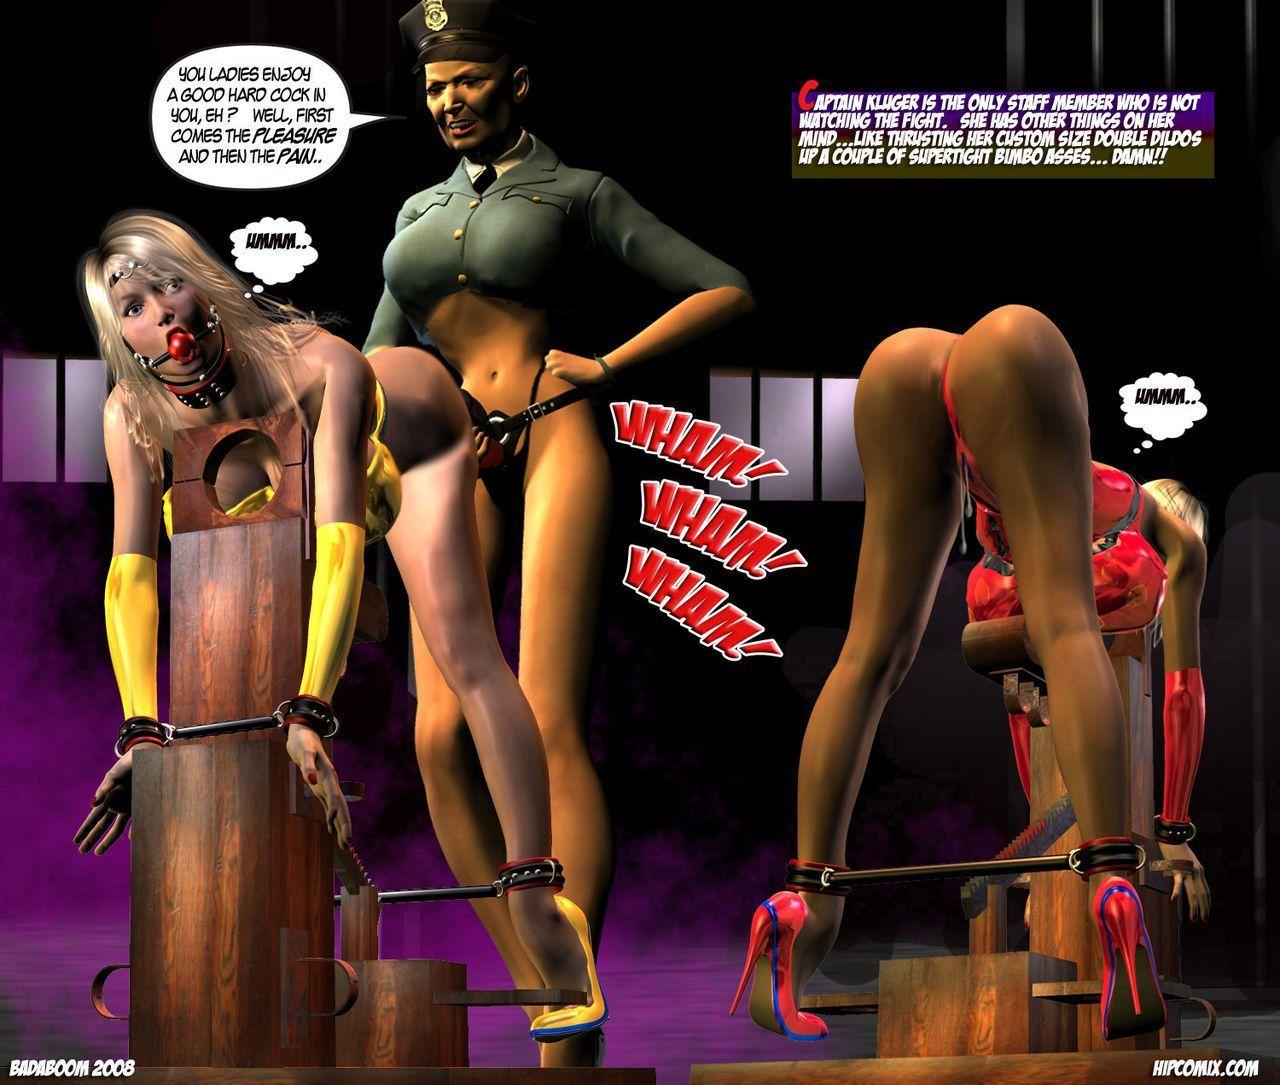 Badaboom Allura 6 Issue 13 - 15 (English)